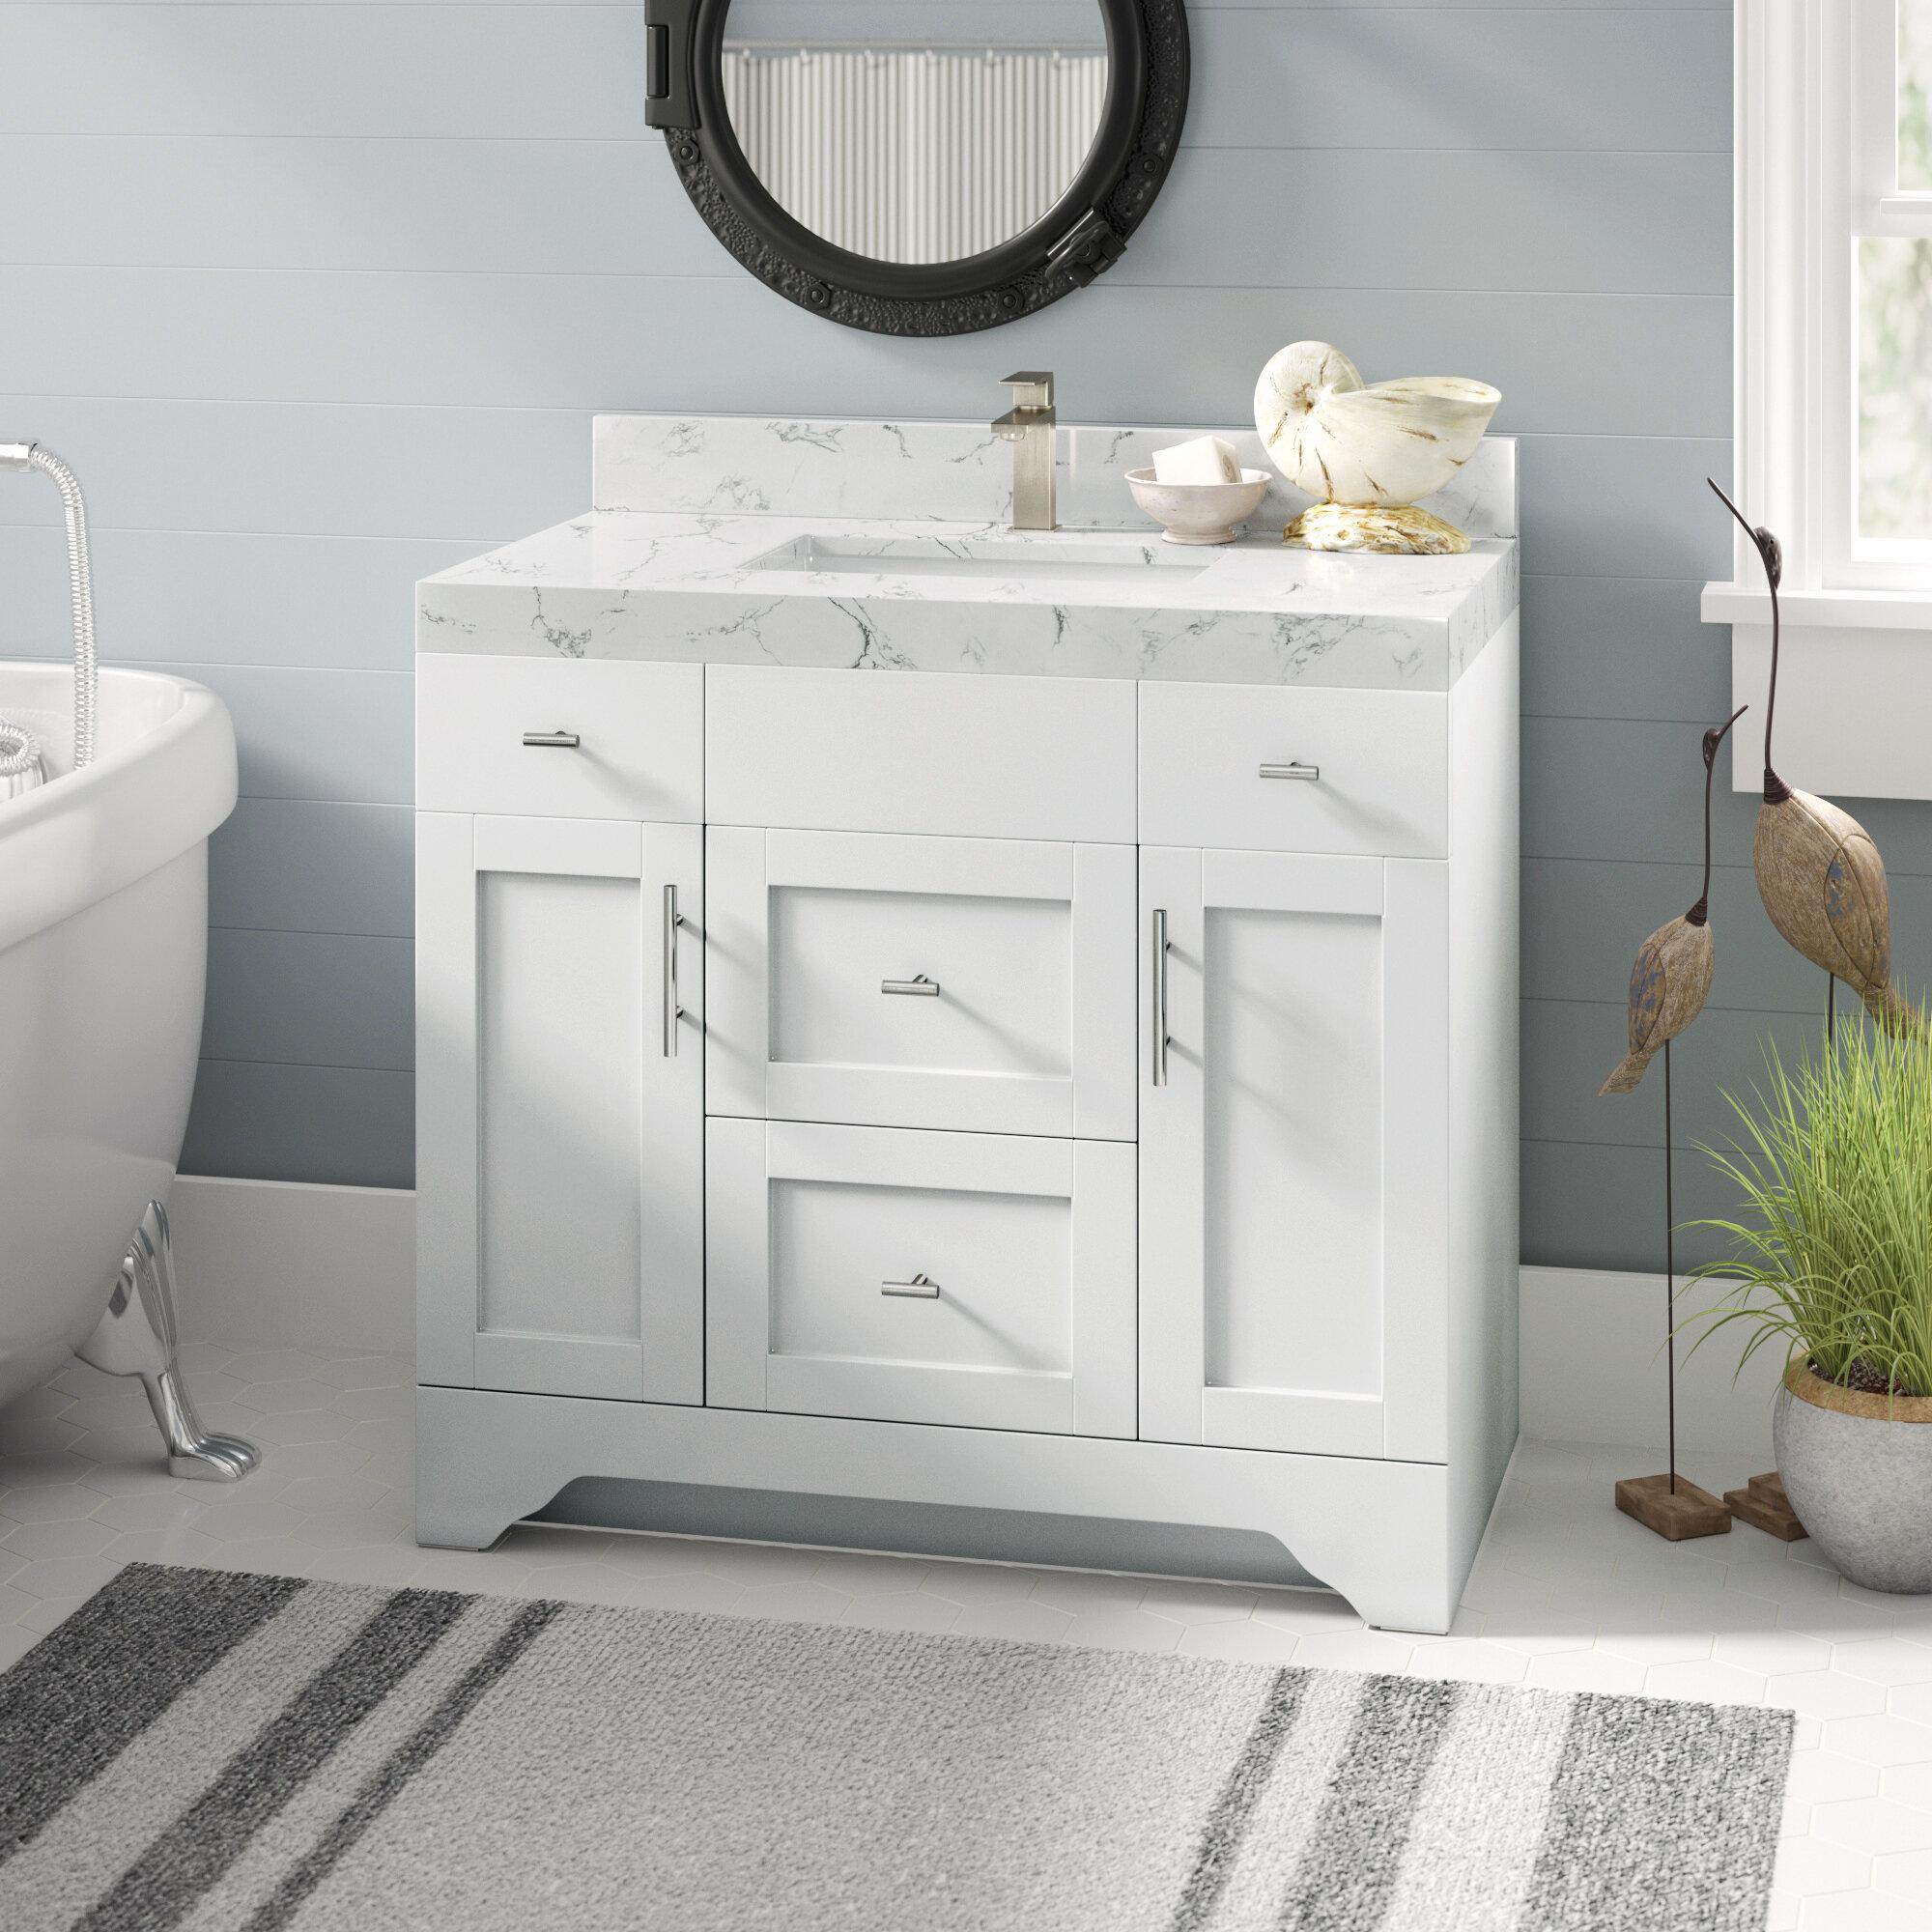 Wrought Studio Exquisite Home 36 Single Bathroom Vanity Set Reviews Wayfair